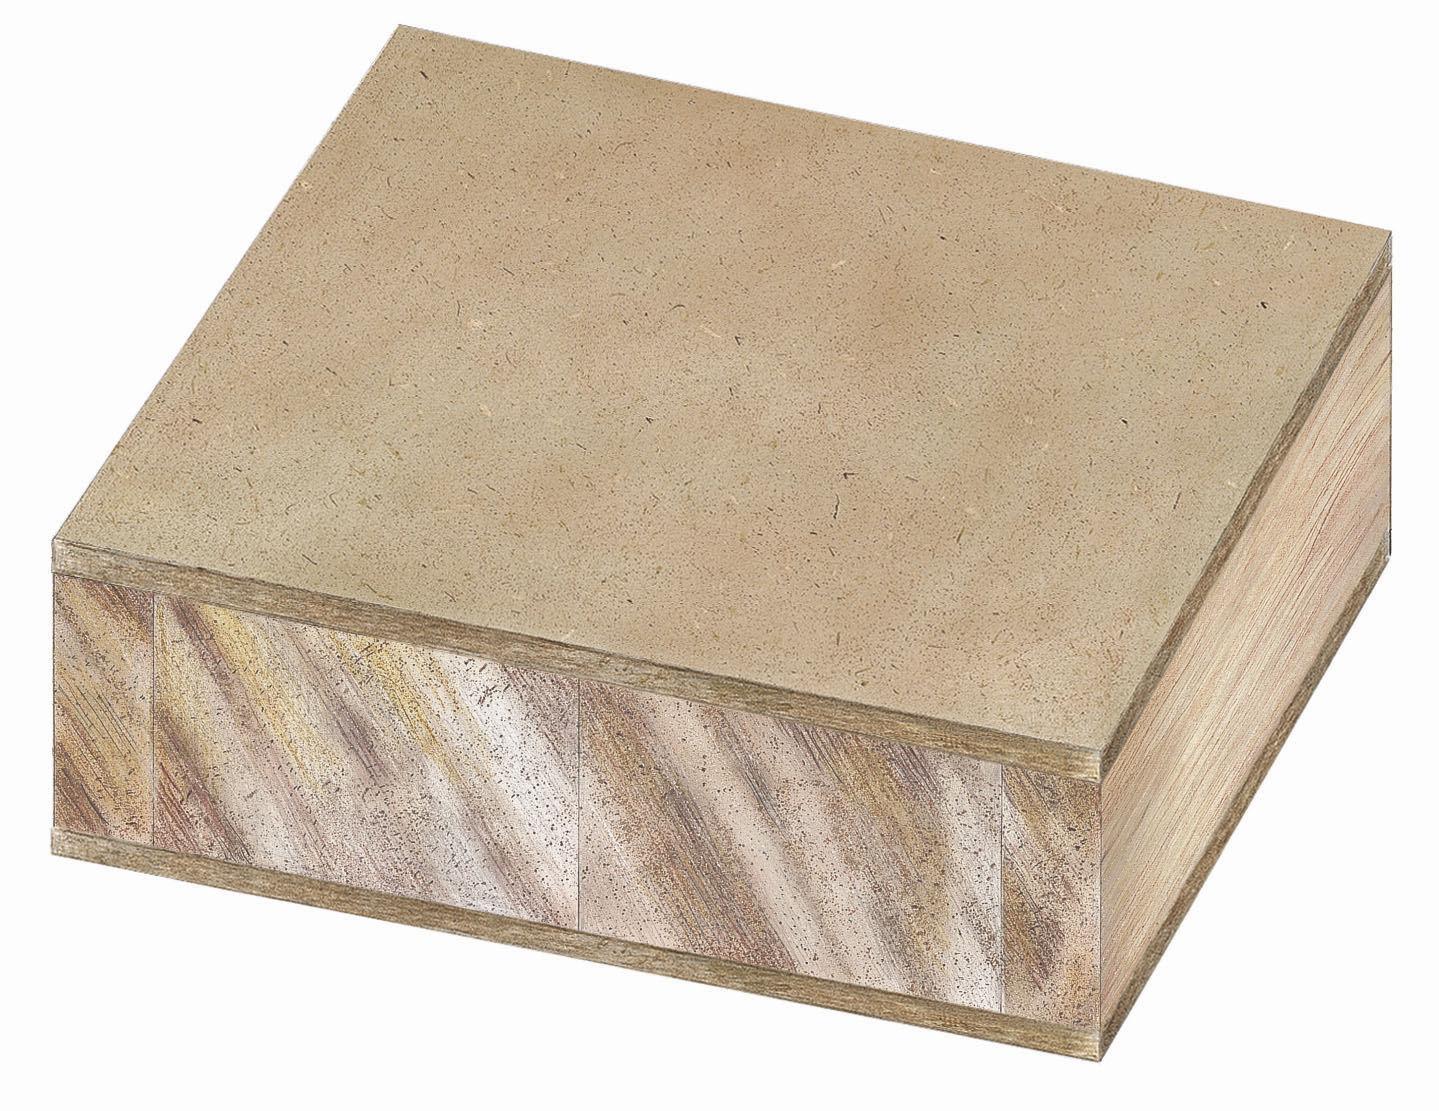 Pannello in legno in compensato / per mobili / per arredamento di ...